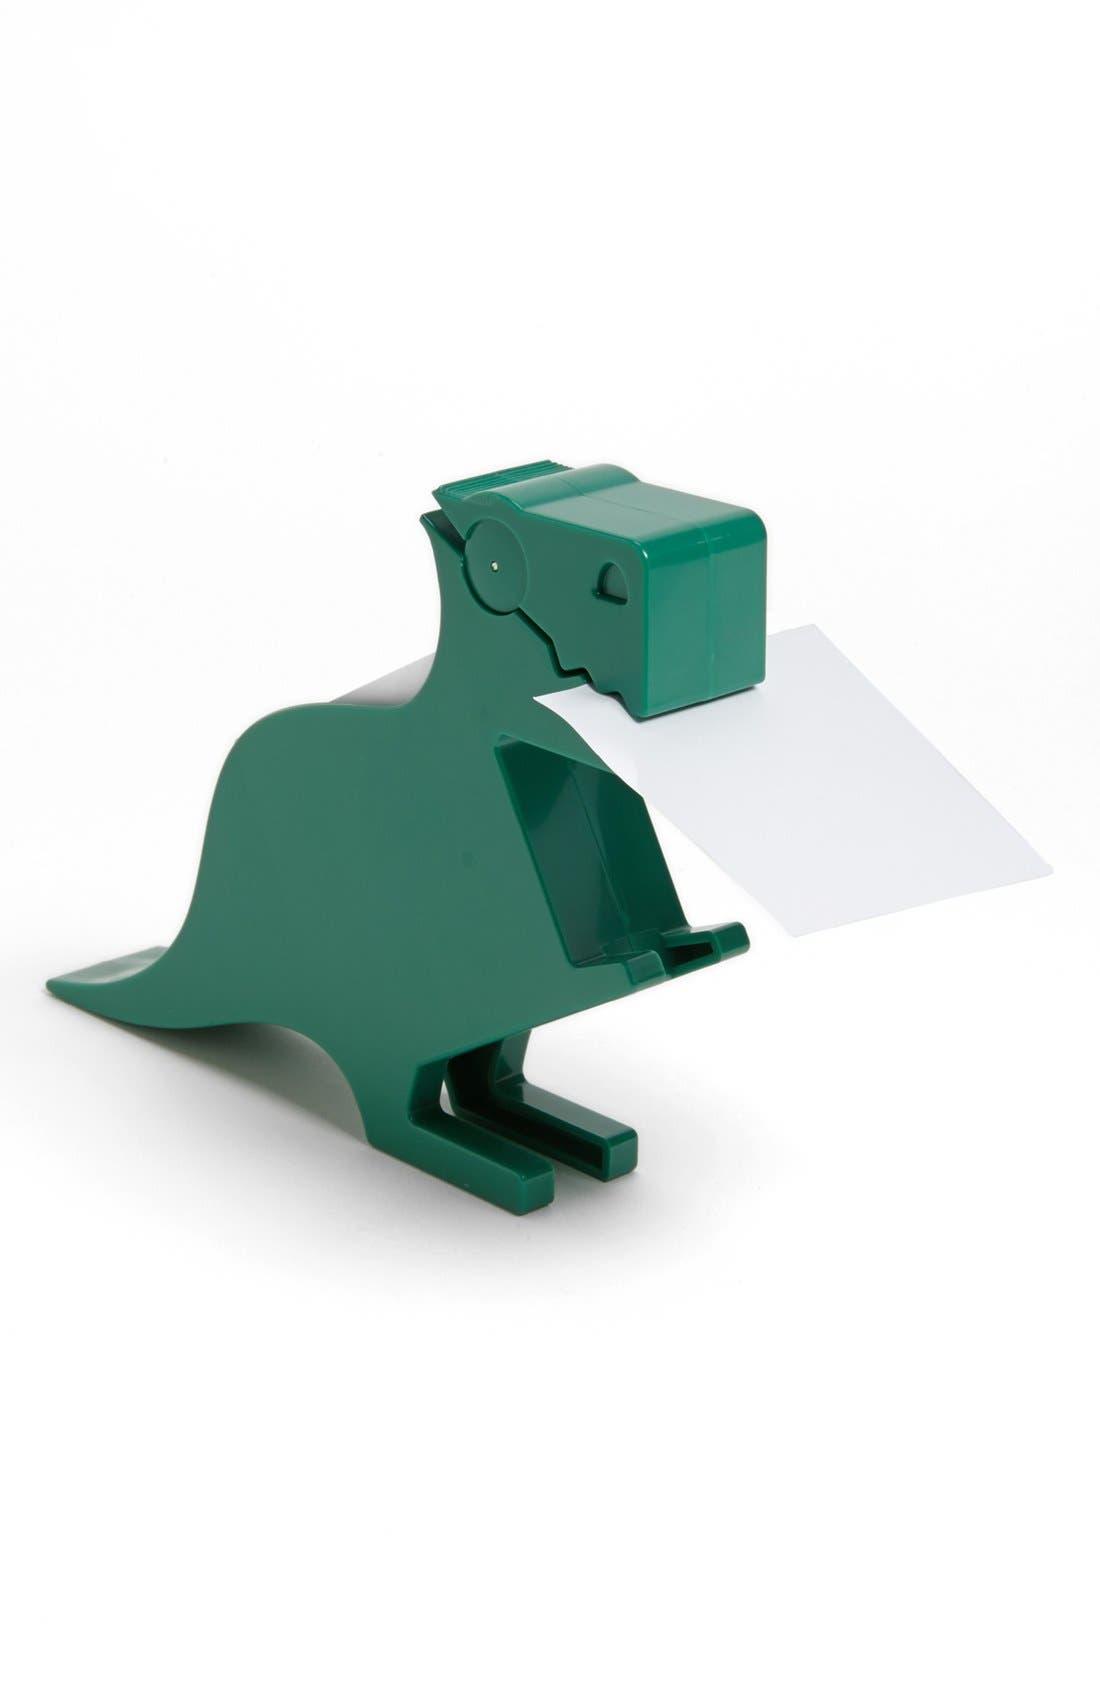 Alternate Image 1 Selected - Kikkerland Design 'Dino' Memo Holder